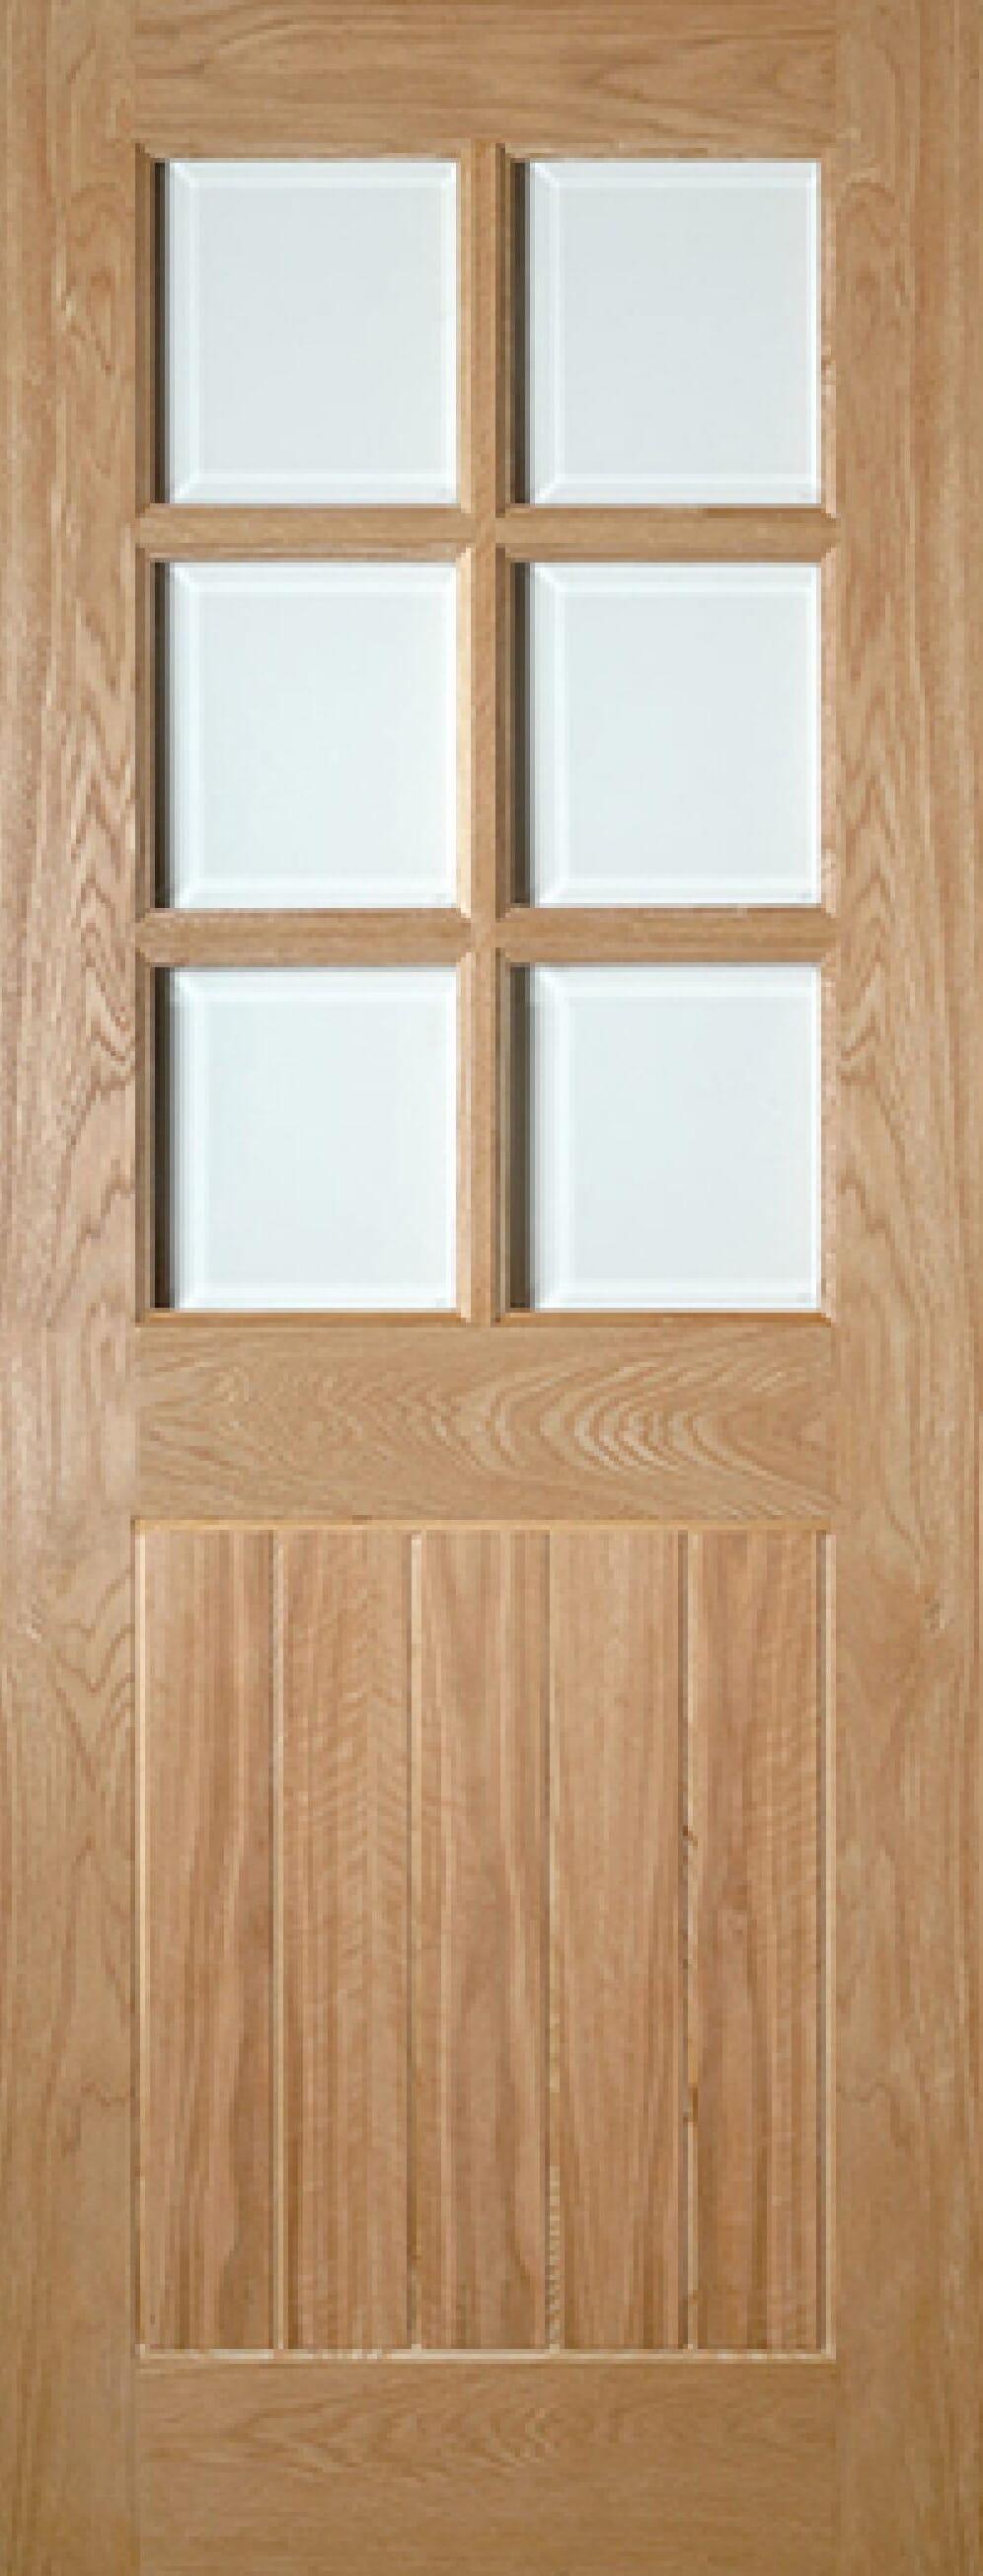 Ely Glazed Oak Image